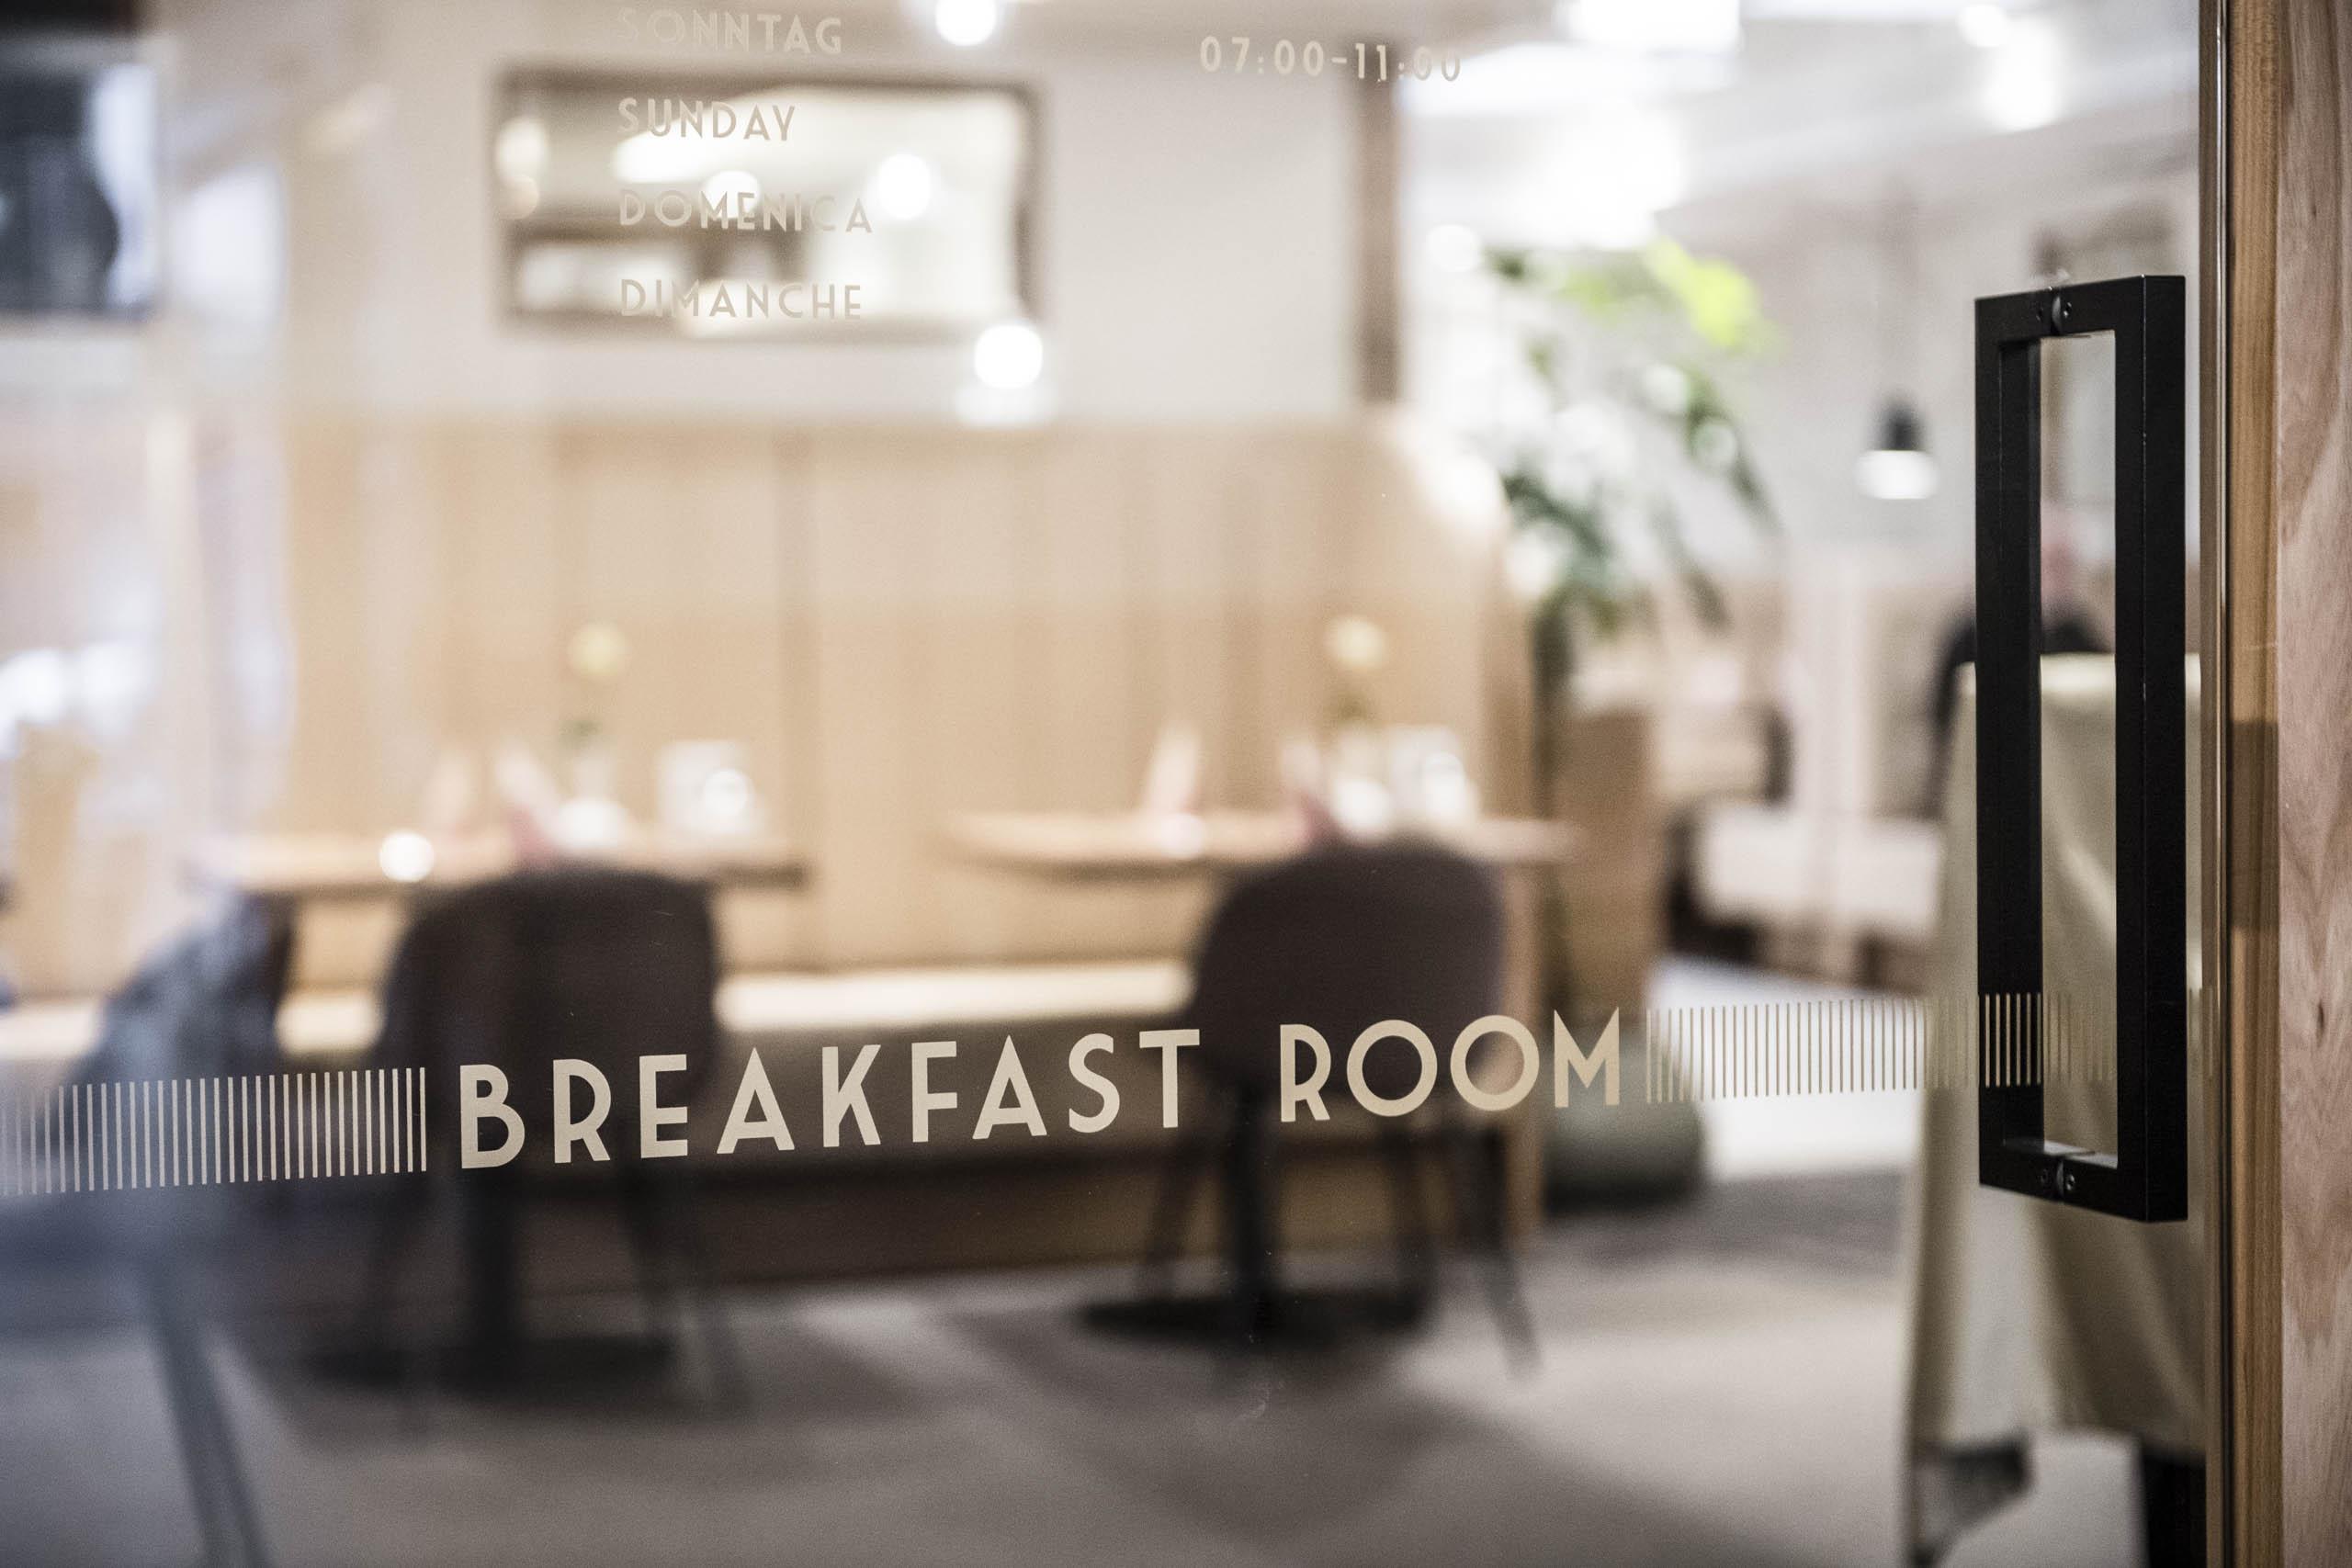 Beschriftung Frühstücksraum